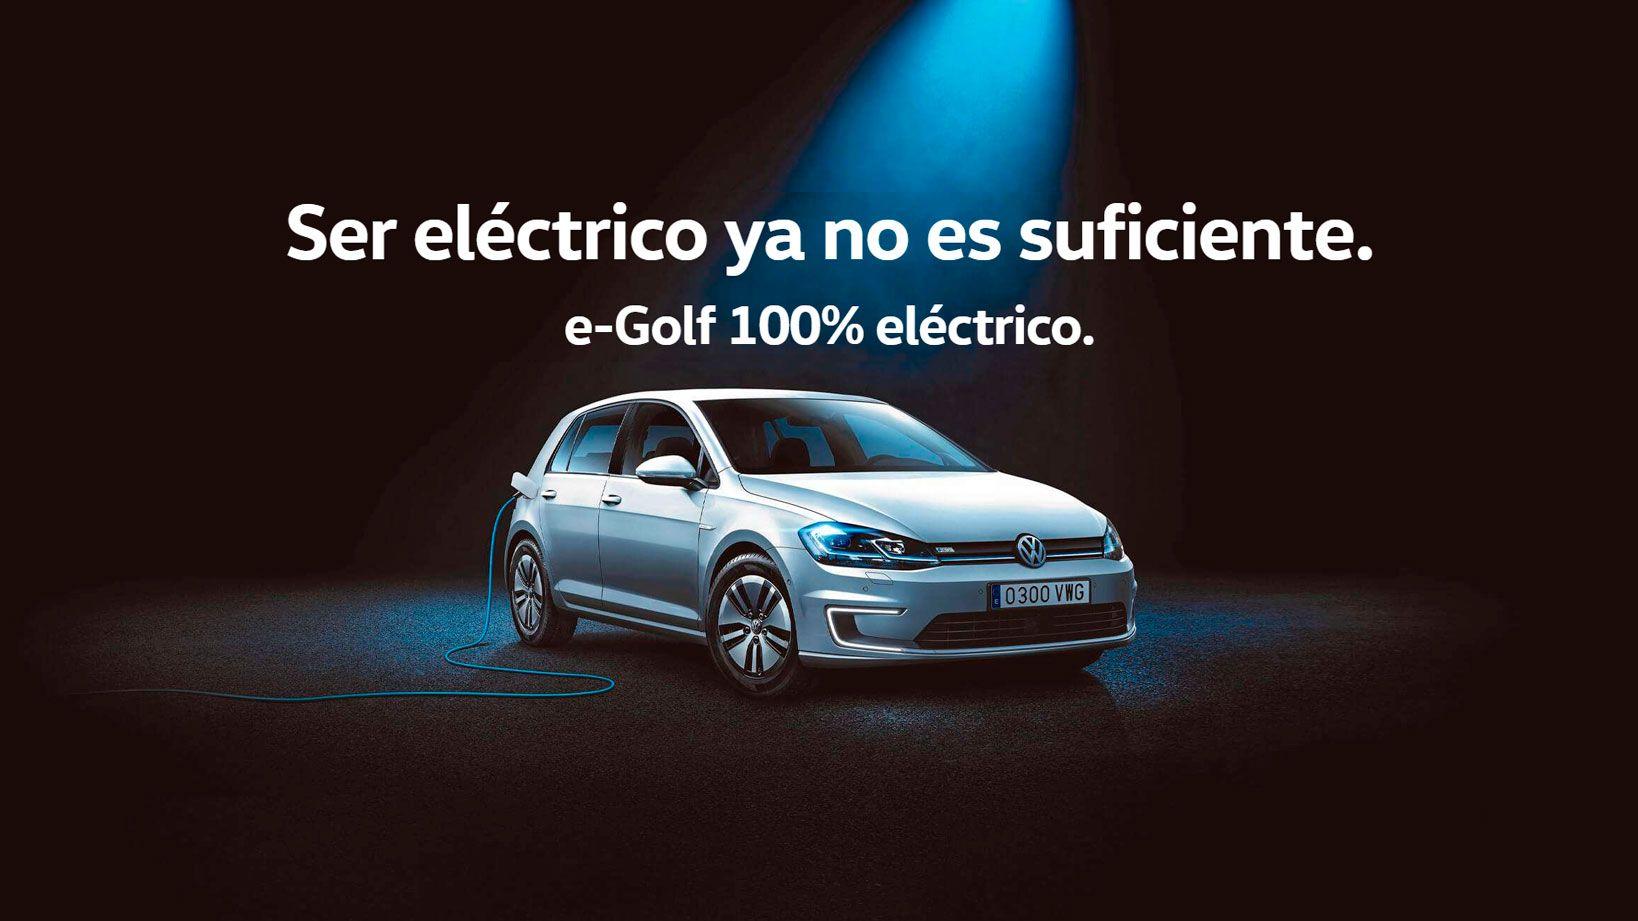 E-GOLF 100% ELÉCTRICO